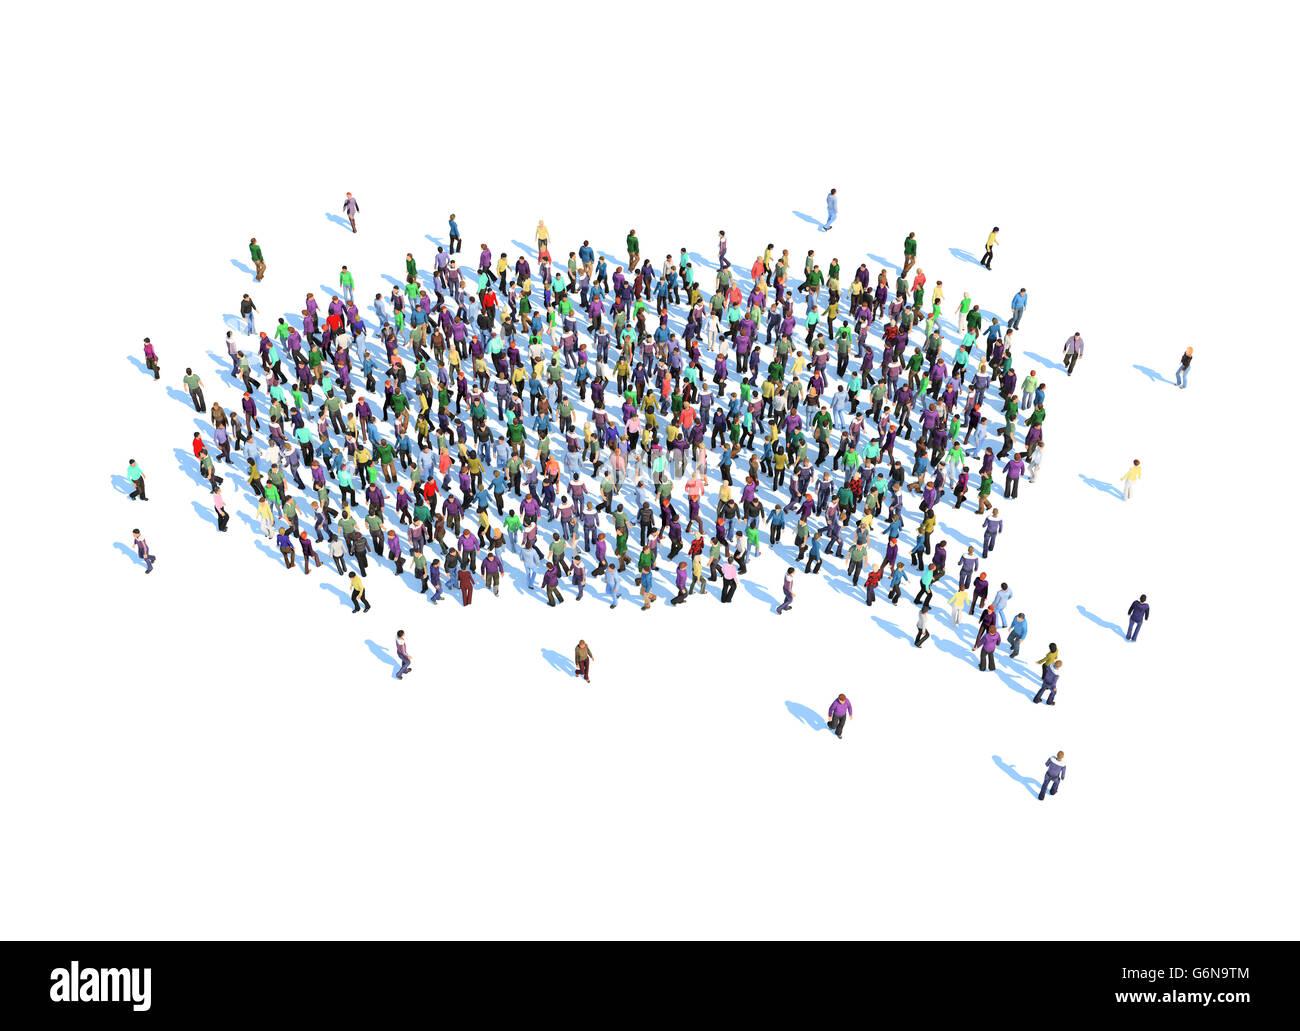 Grupo numeroso de personas, formando un bocadillo de diálogo Símbolo - Ilustración 3D Imagen De Stock